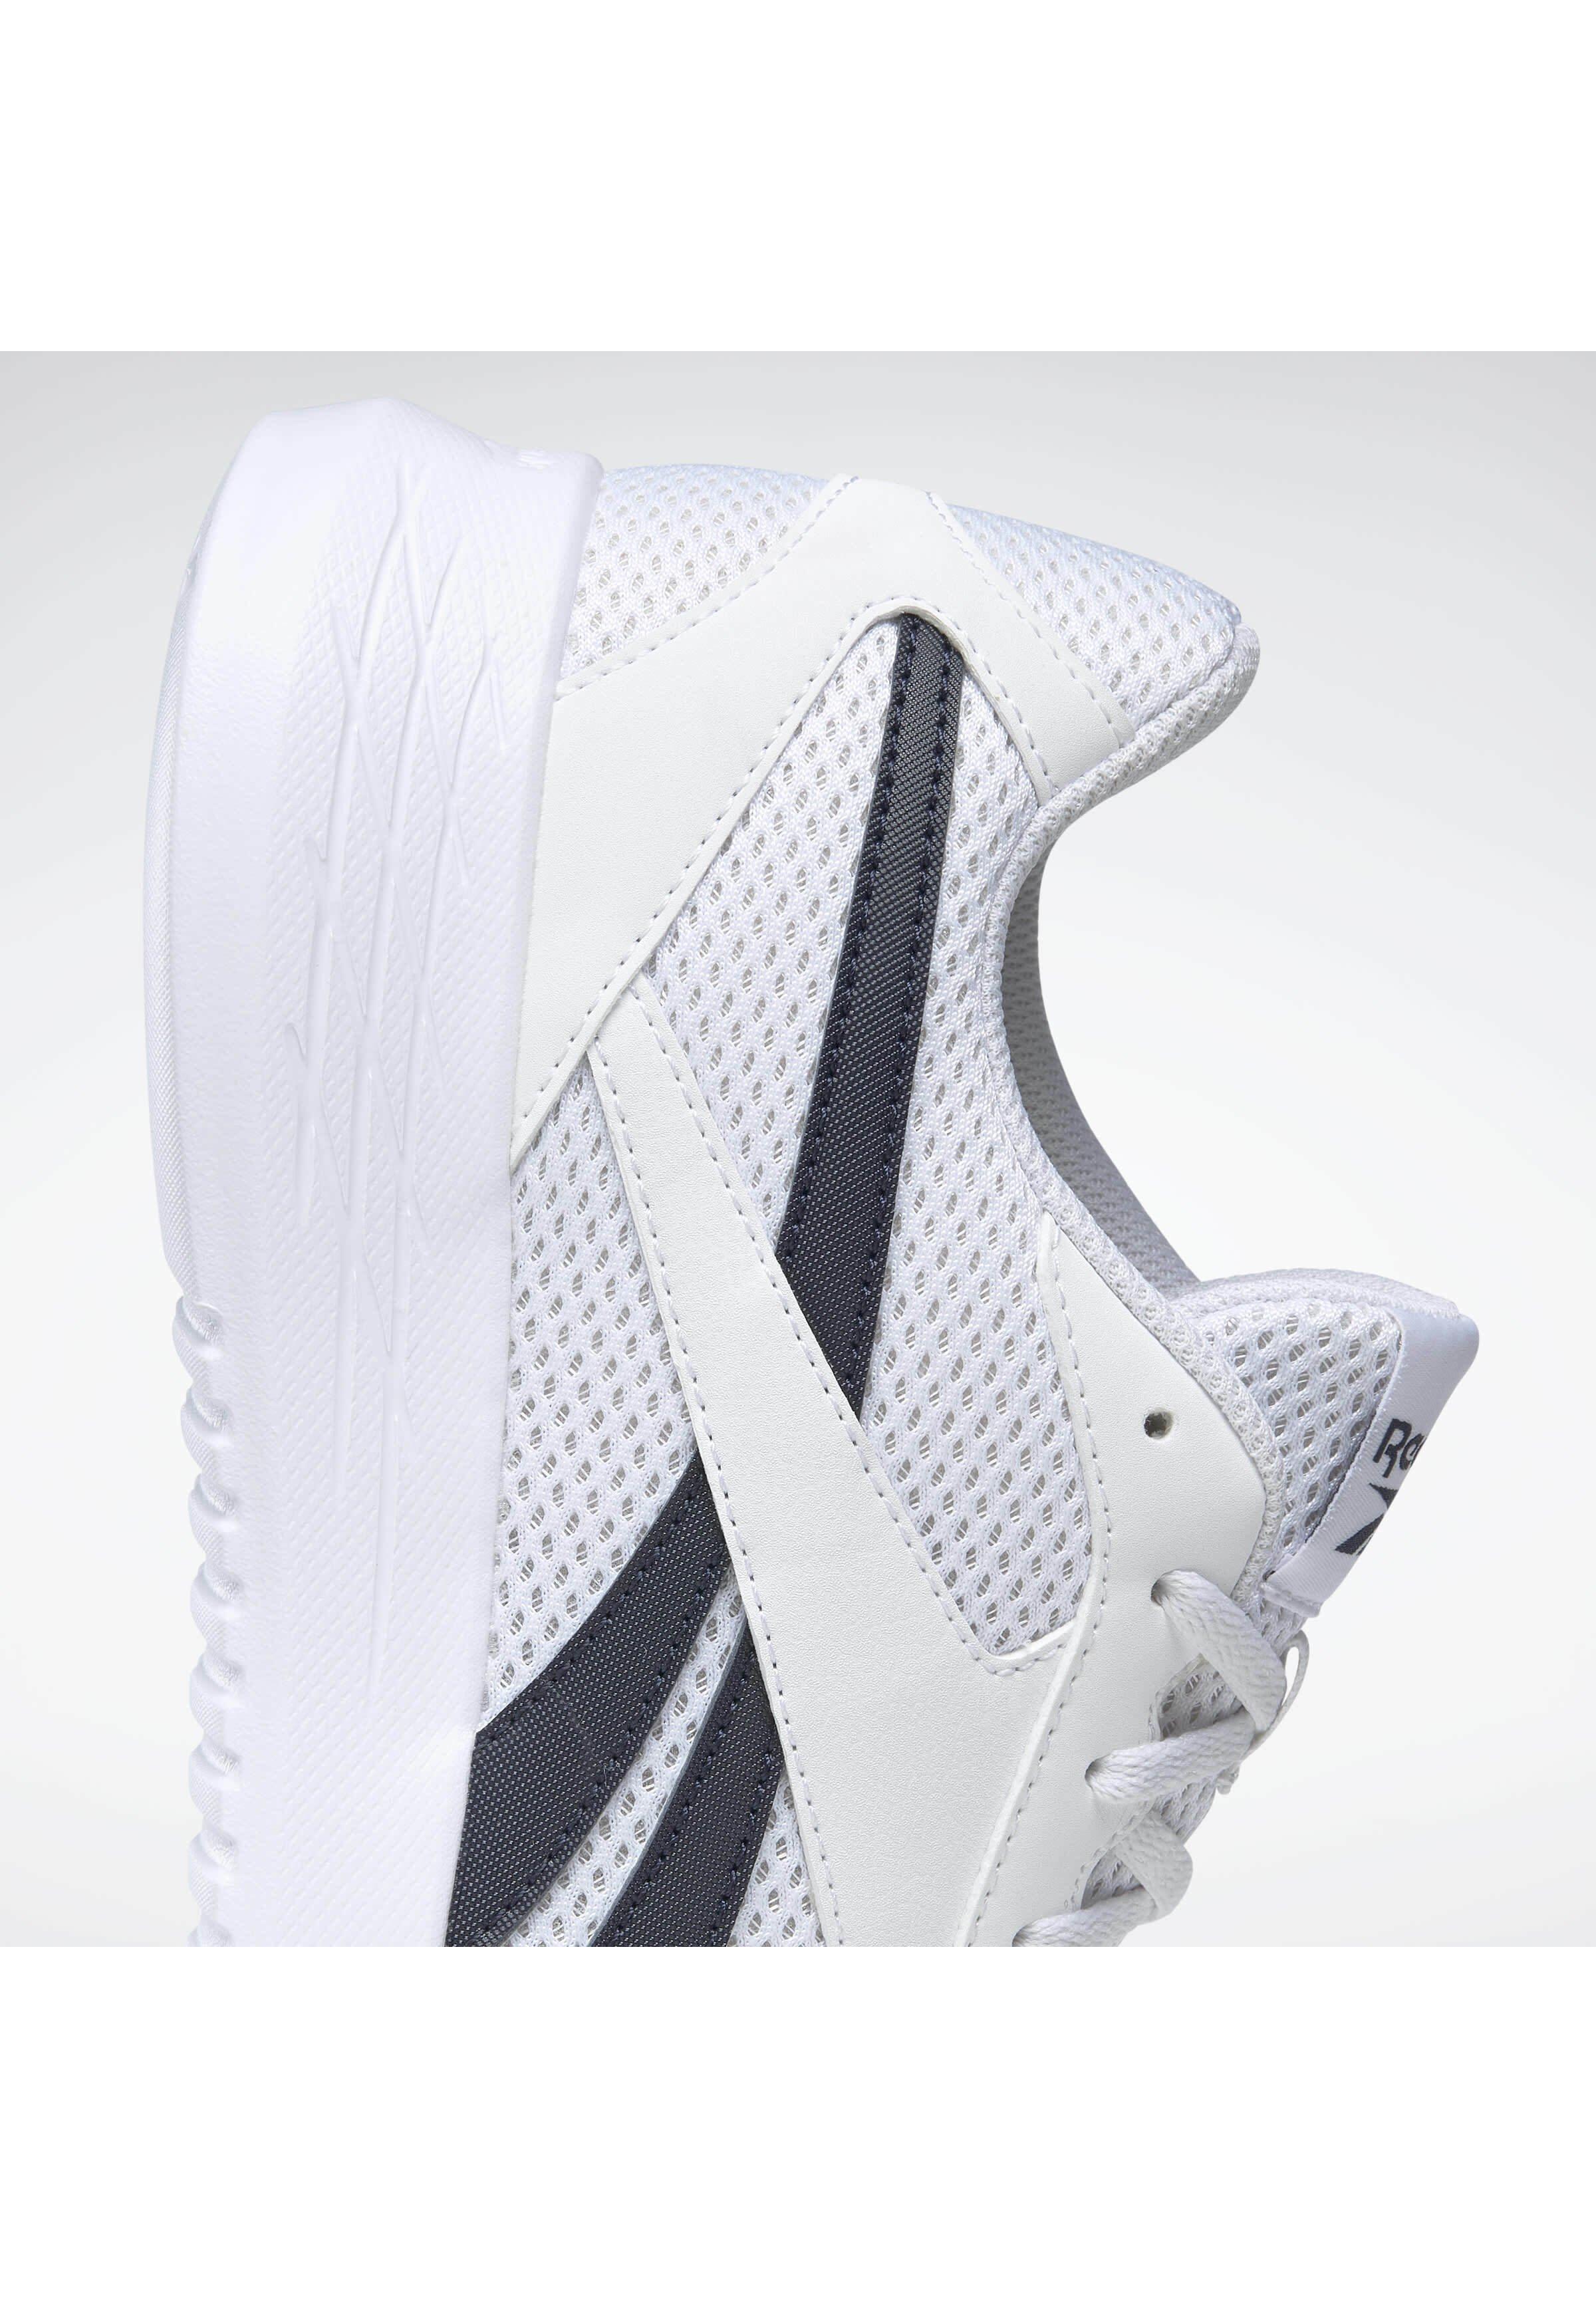 Men Stabilty running shoes